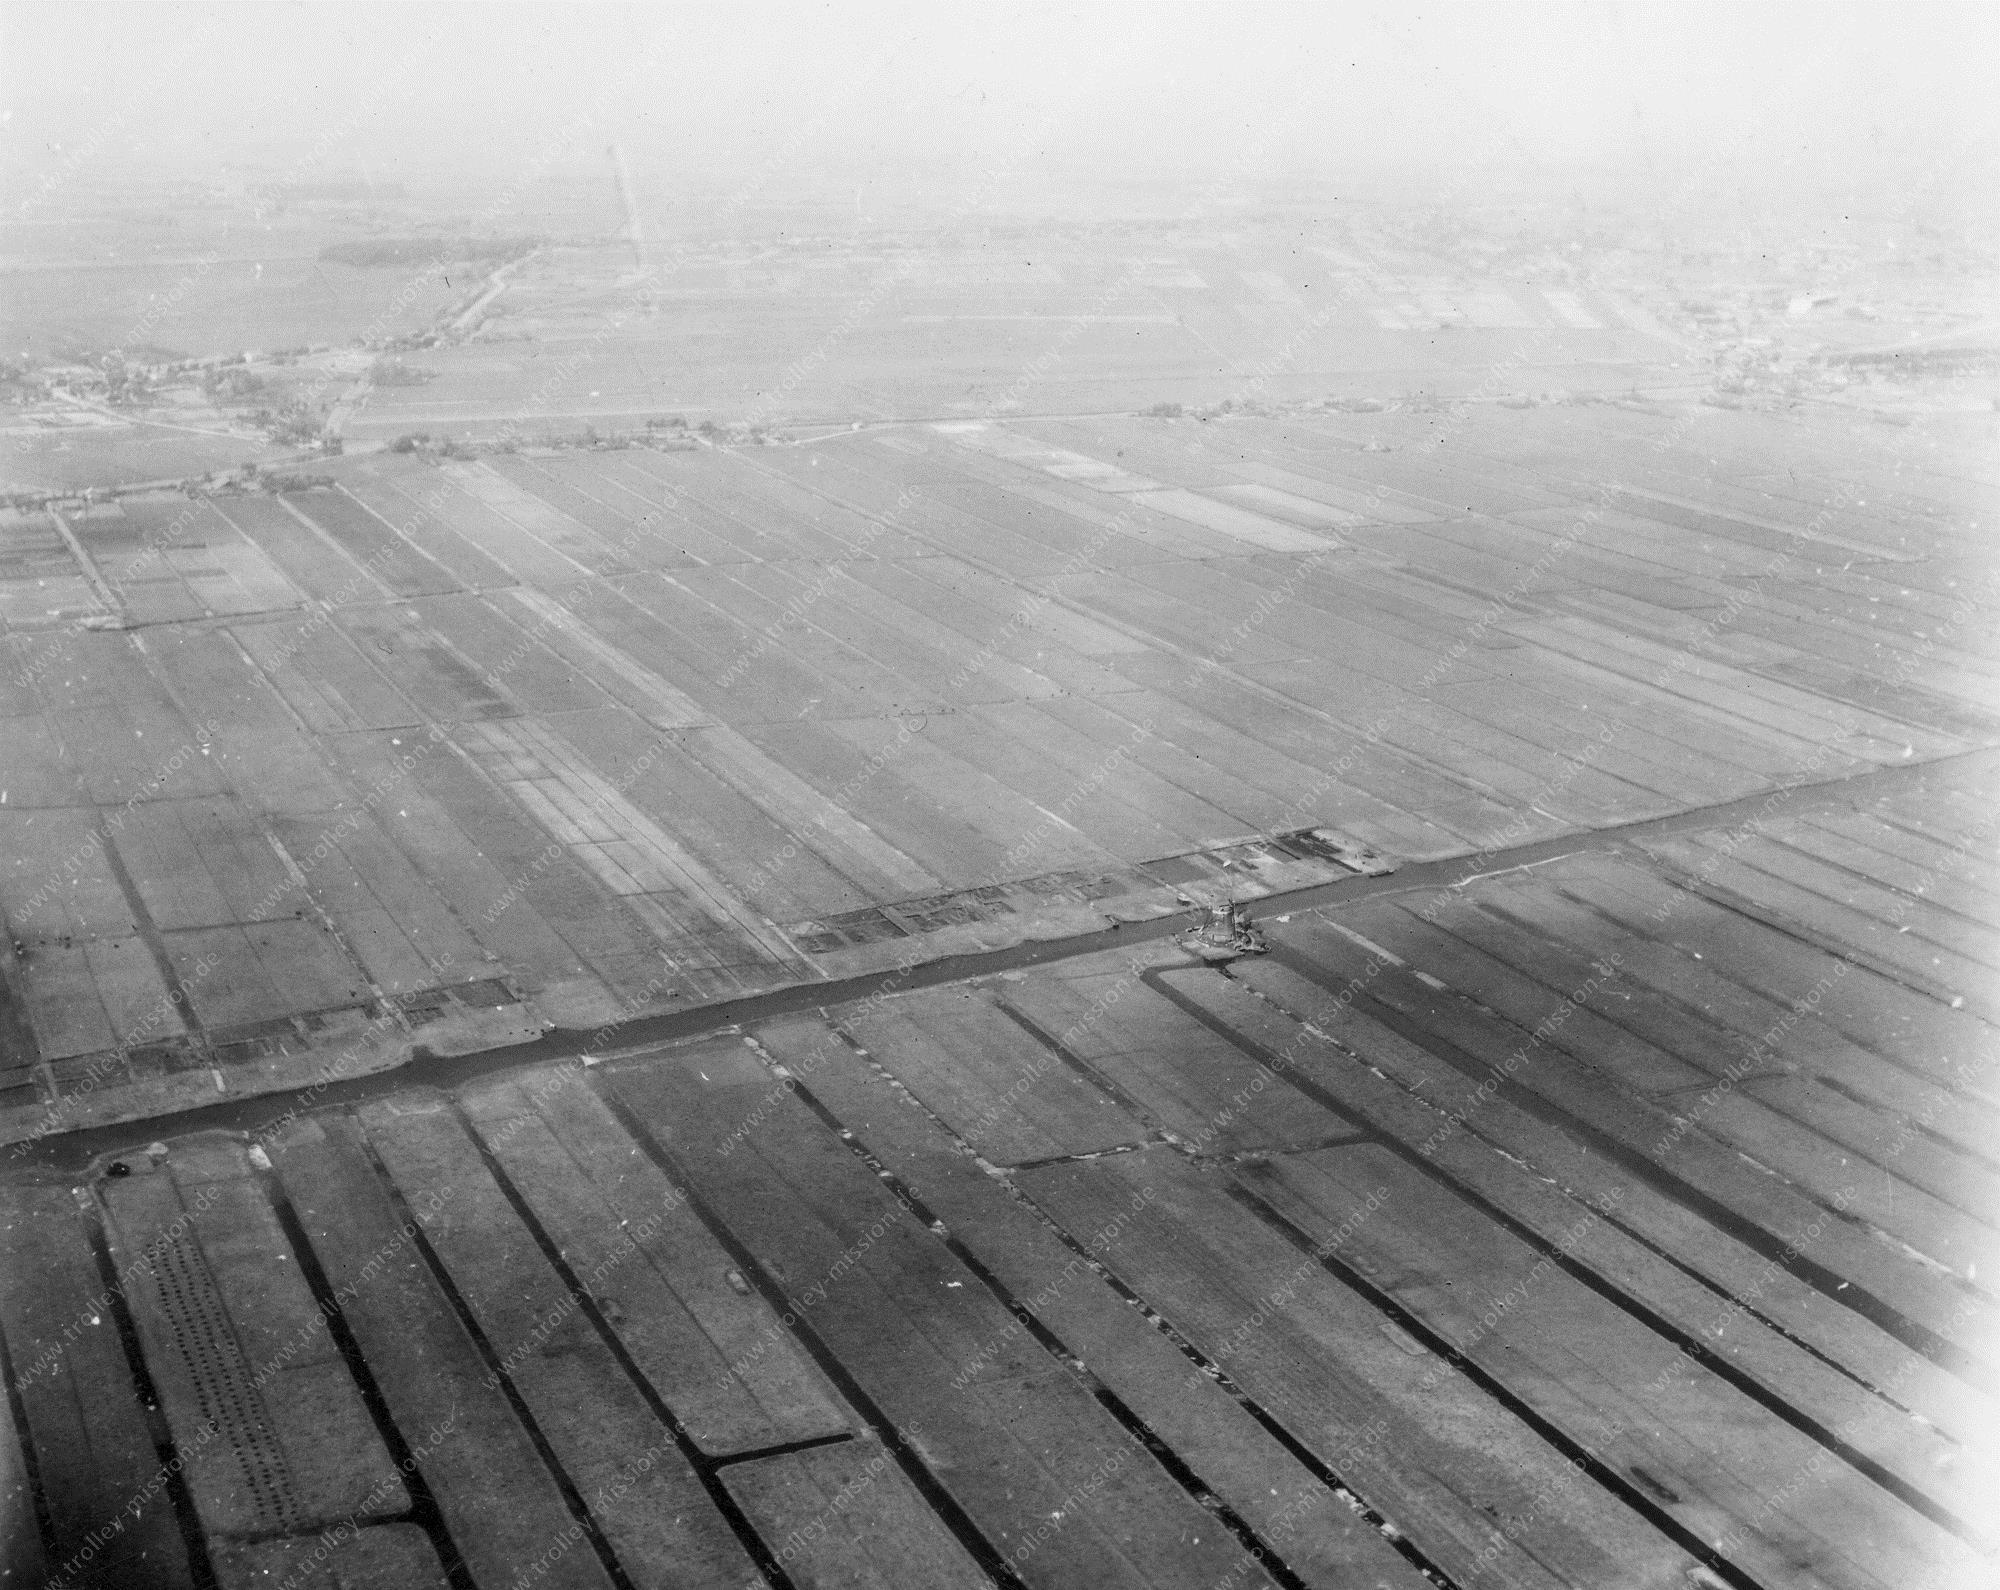 Luftbild der alten Windmühle an der A4 bei Zoeterwoude-Dorp südlich von Leiden (Niederlande)